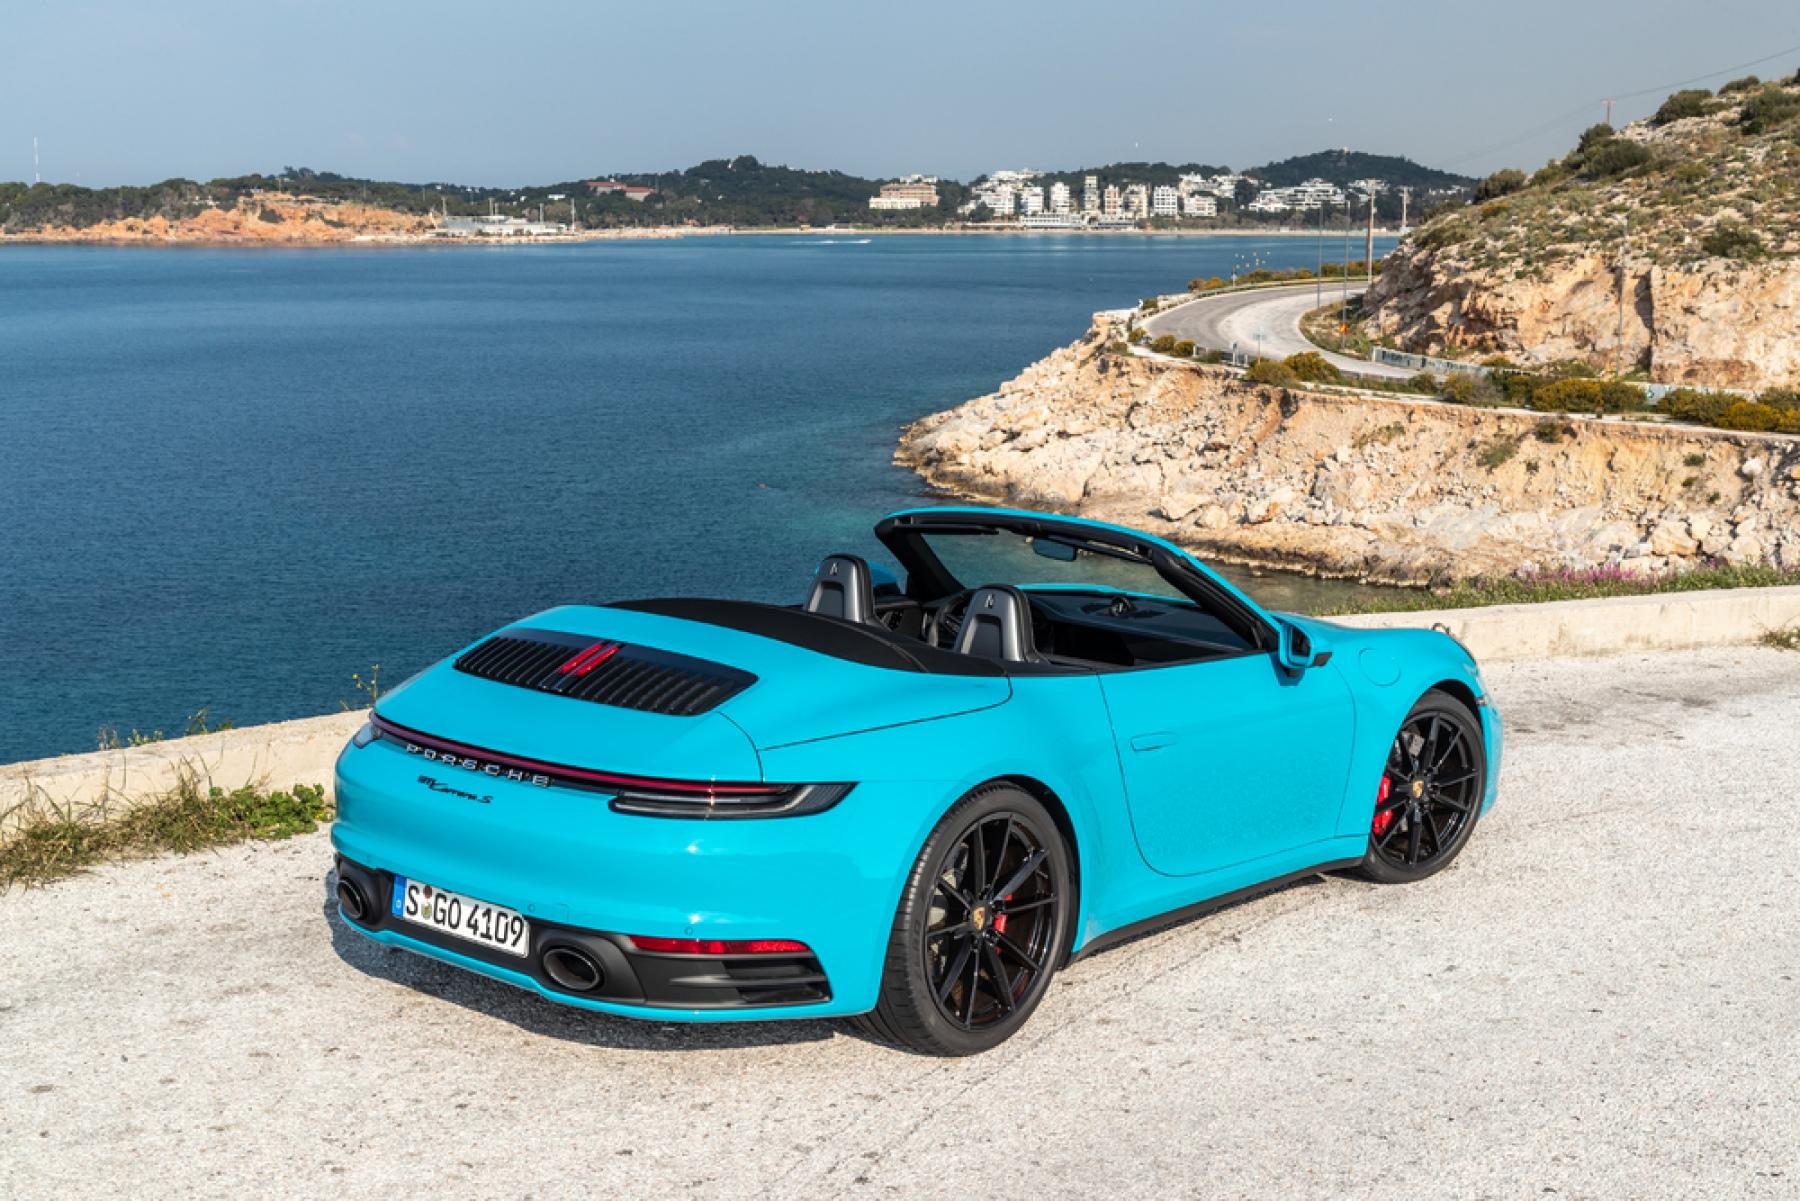 911 Carrera S Cabriolet Miami Blue (S,GO 4109) , The new